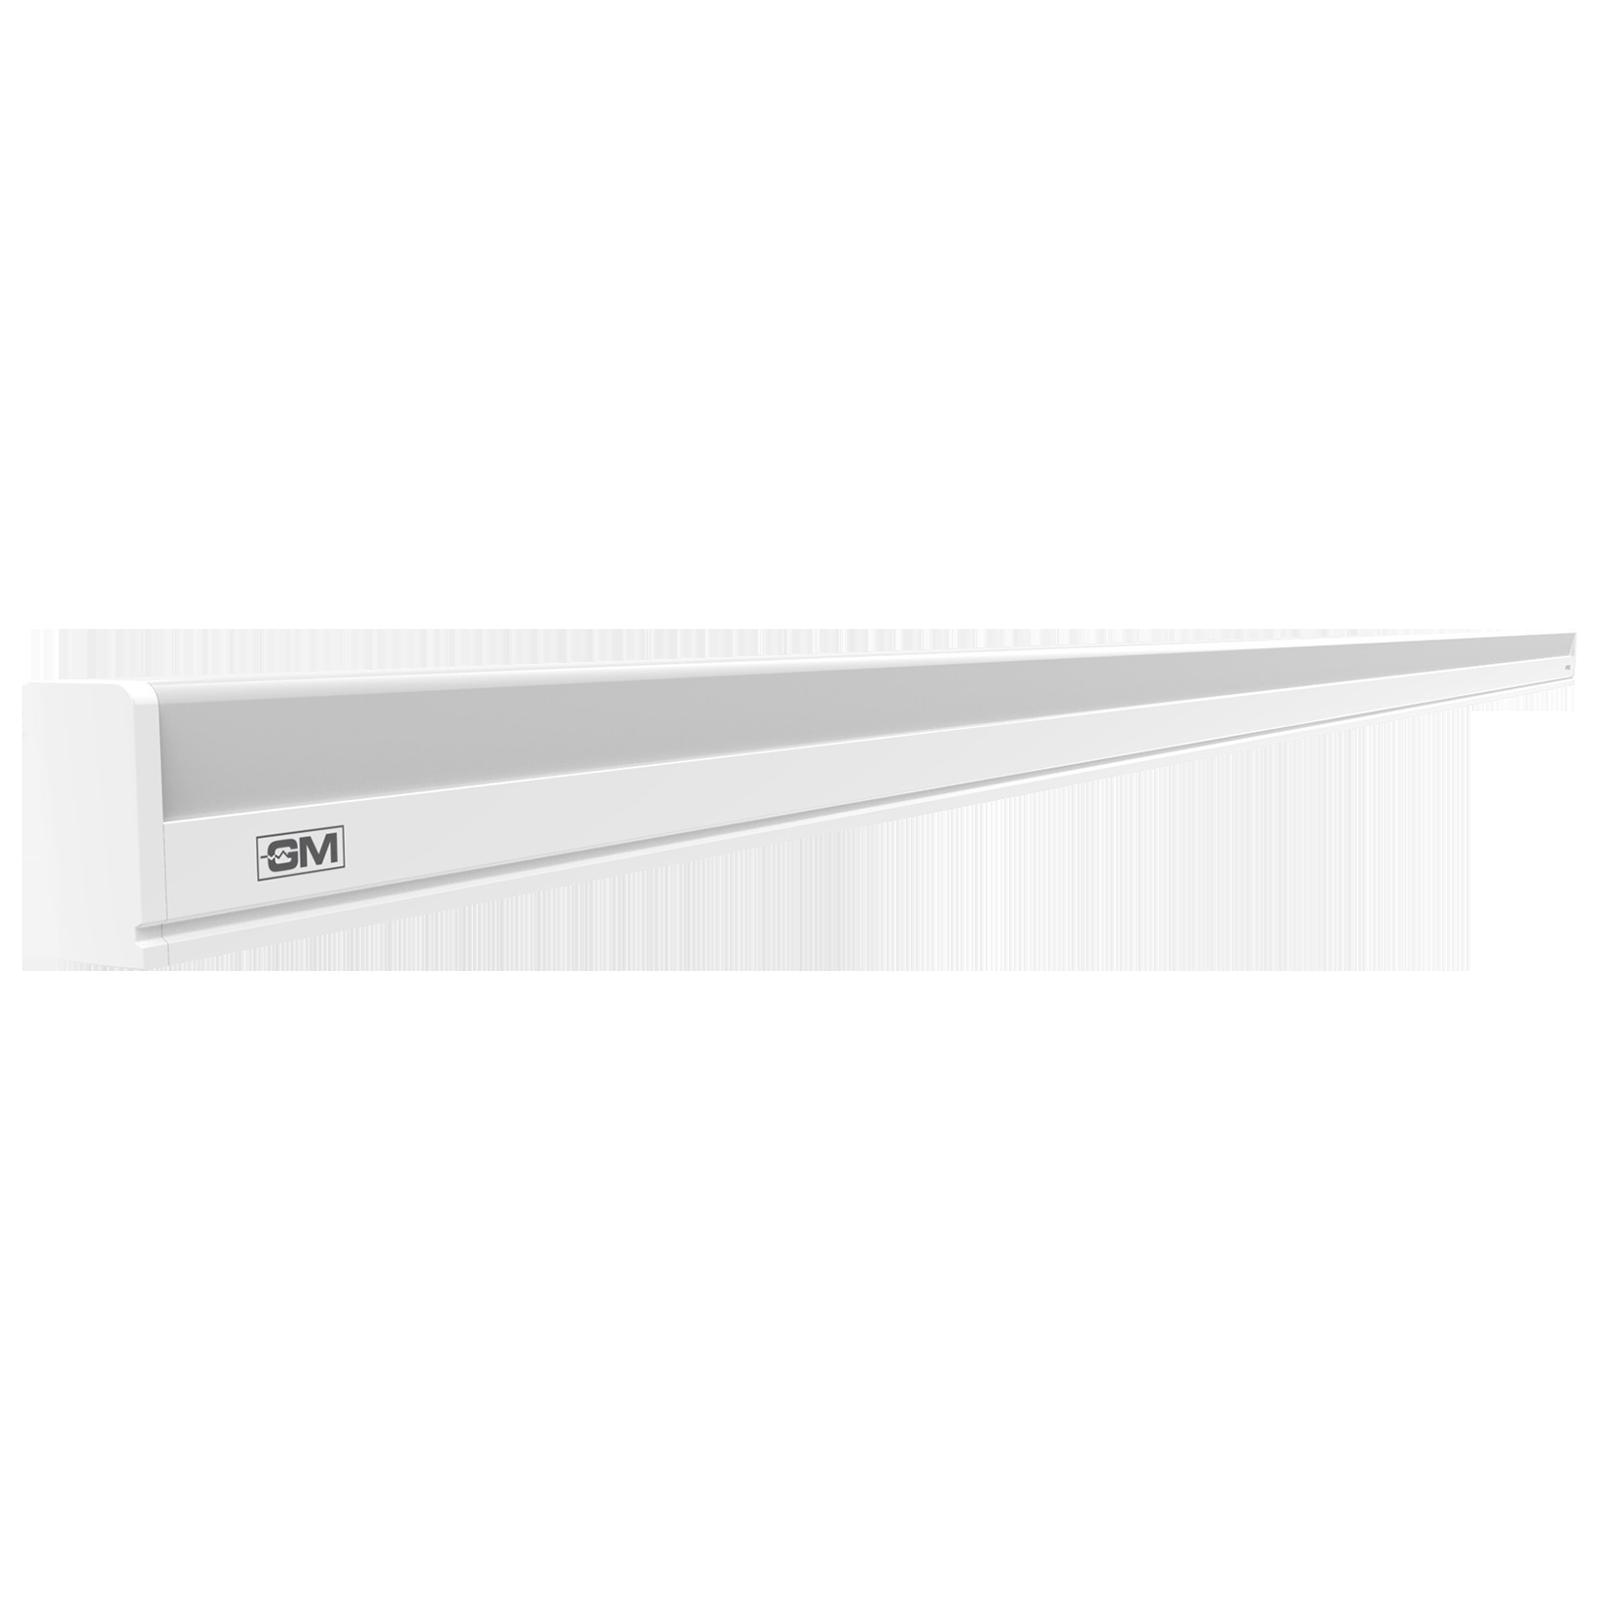 GM Atmos 22 Watts LED Tube Light (0378-6500K, White)_1